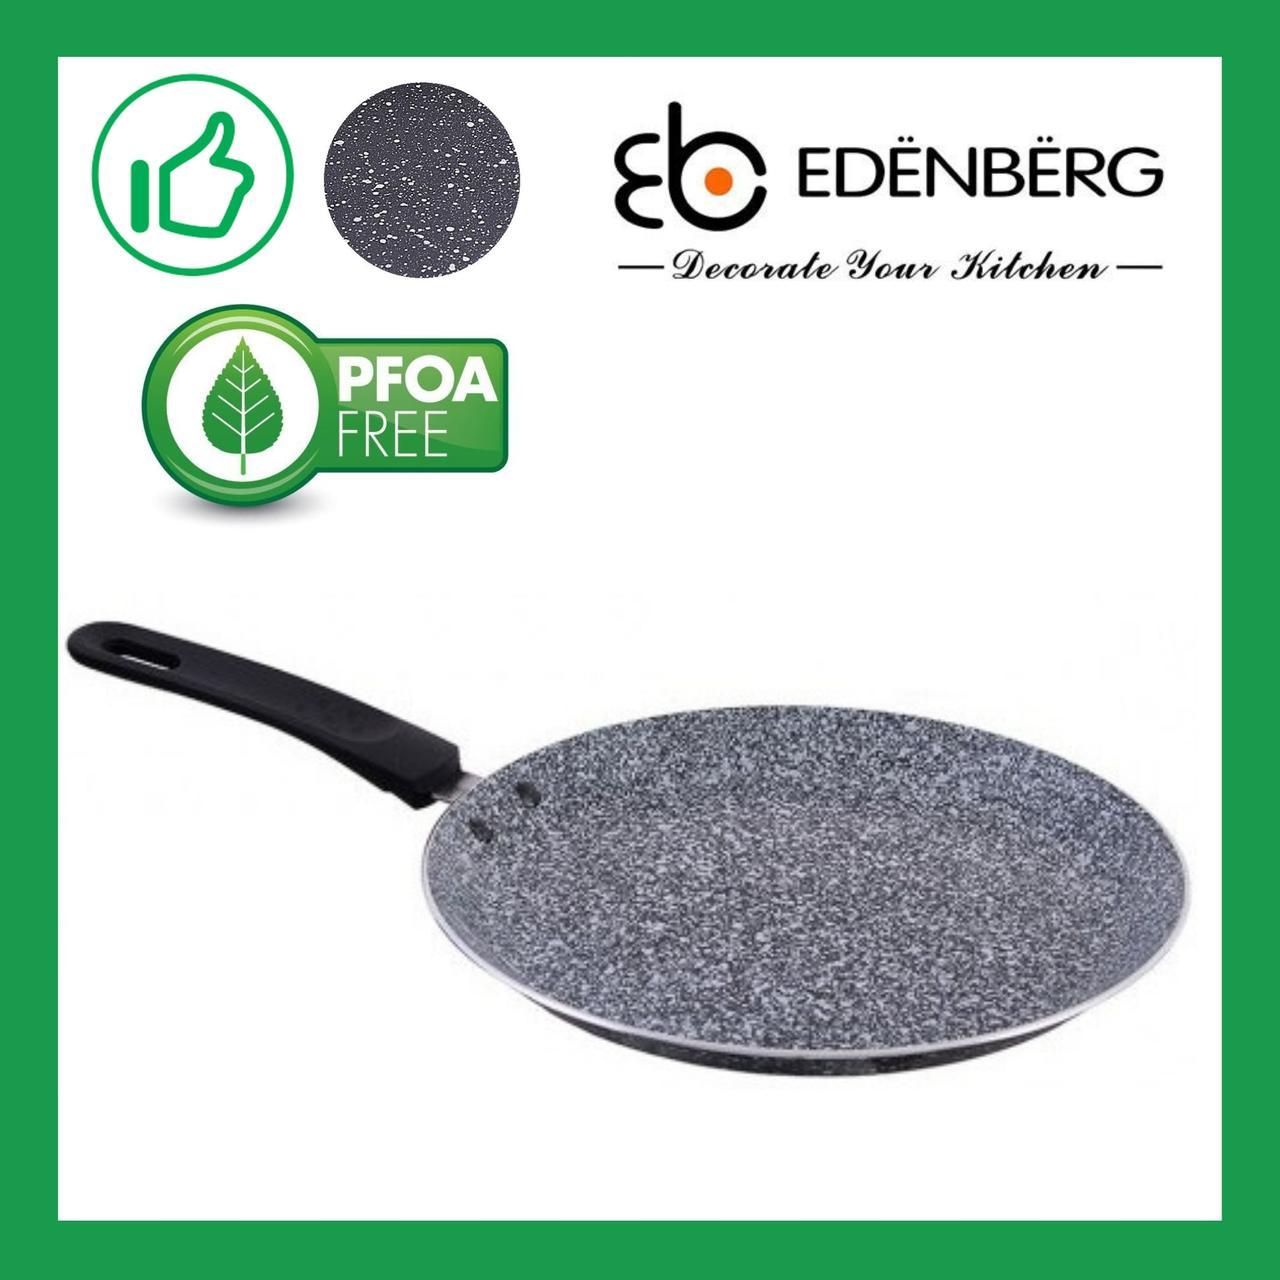 Cковорода для блинов Edenberg с гранитным антипригарным покрытием 20 см (EB-3387)